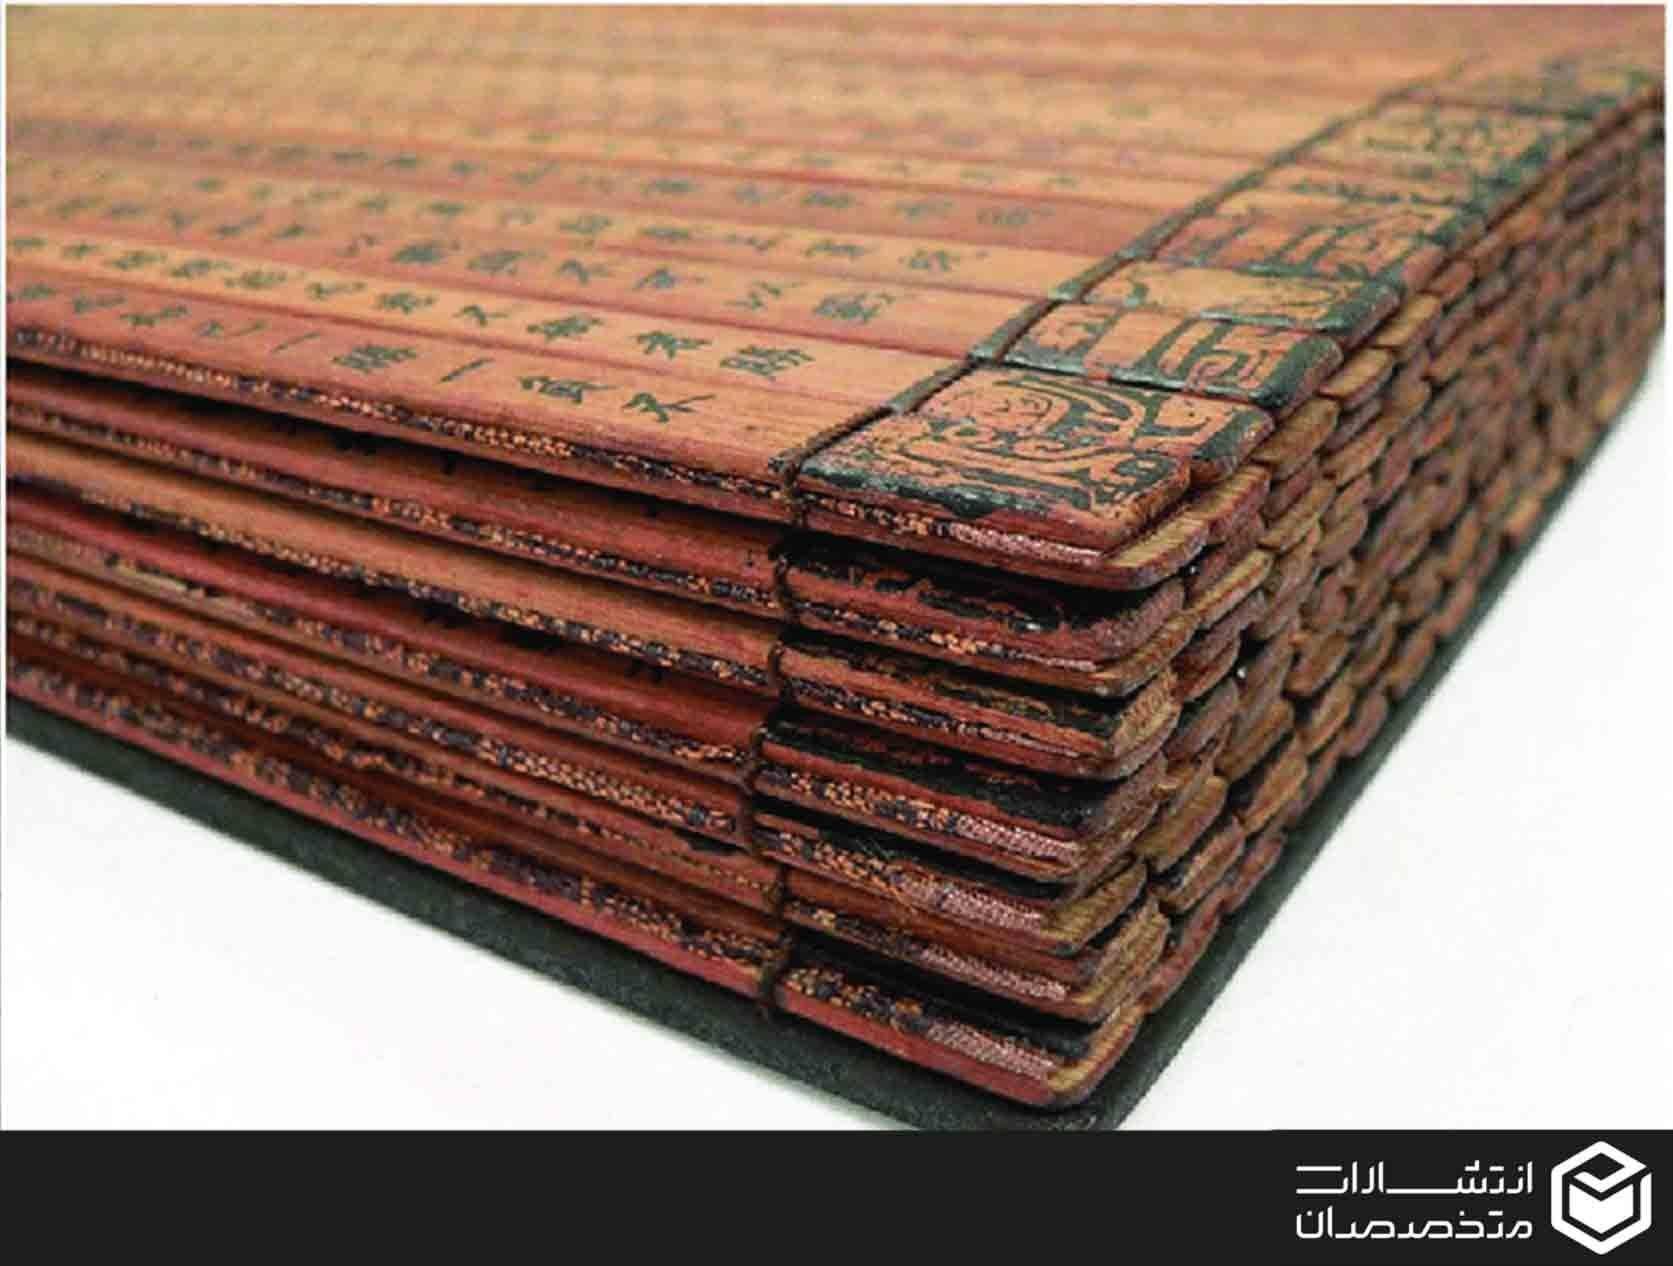 چاپ کتاب چوبی در چین